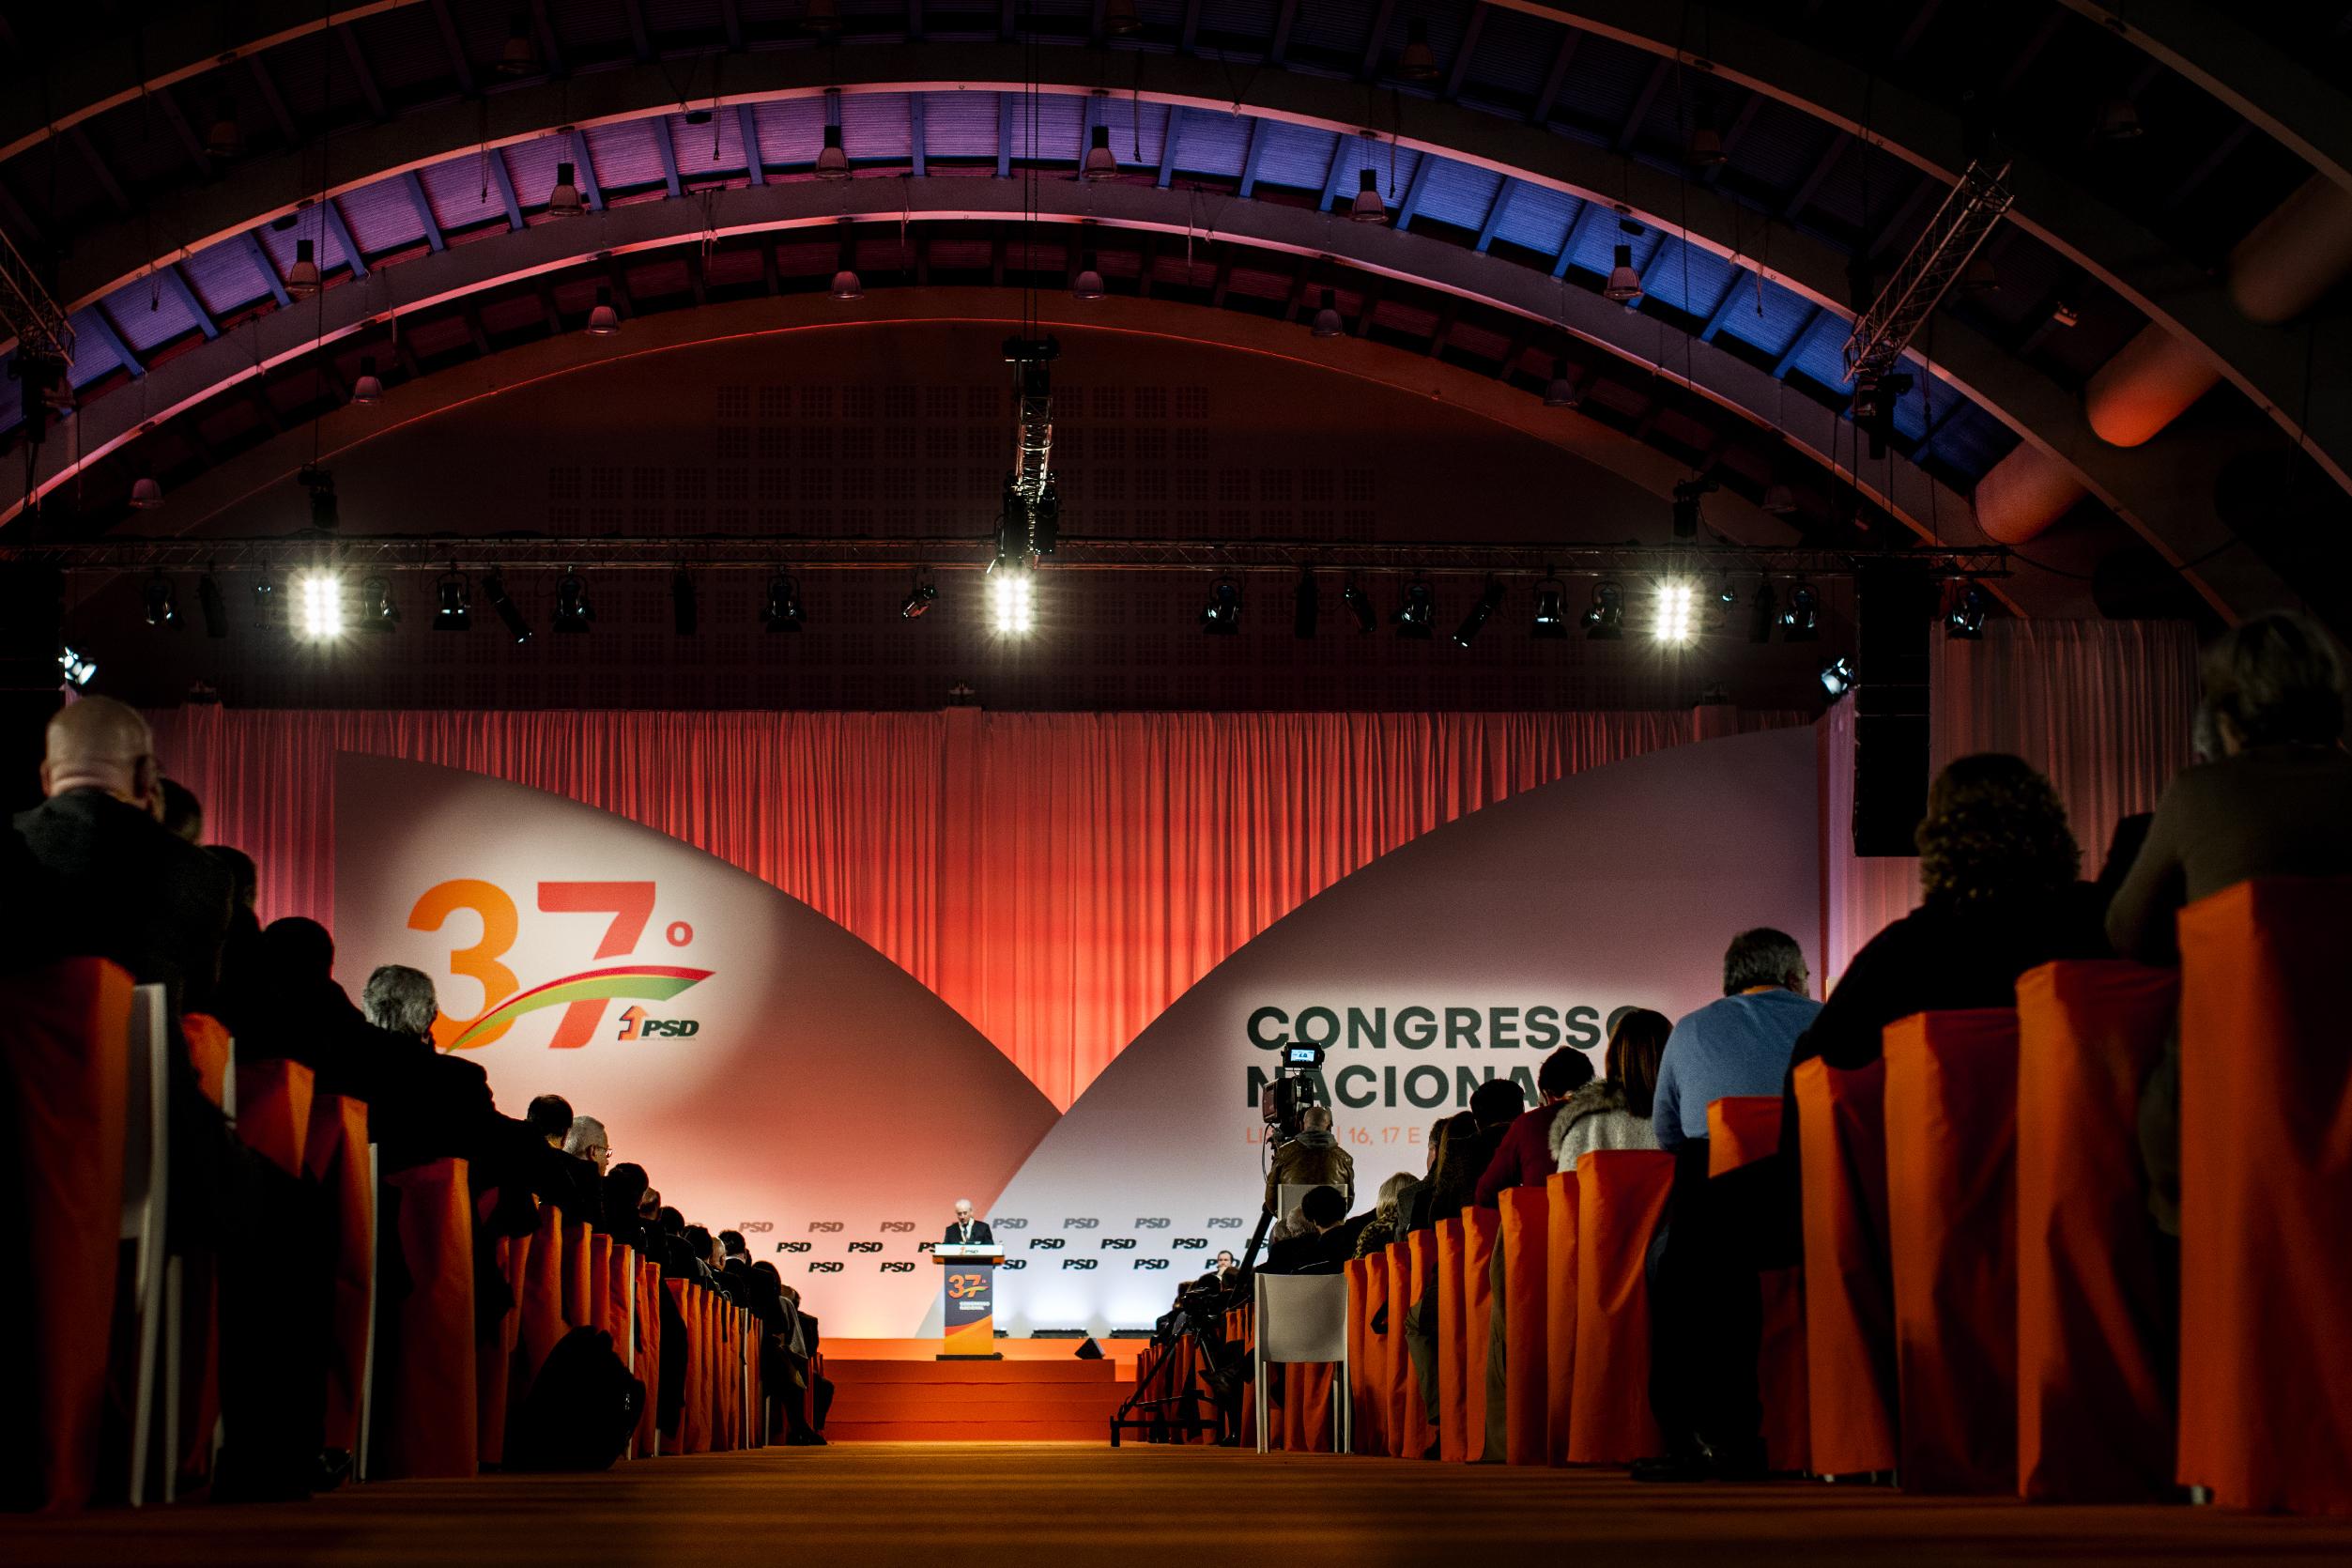 Siga aqui em direto o 37º Congresso do PSD